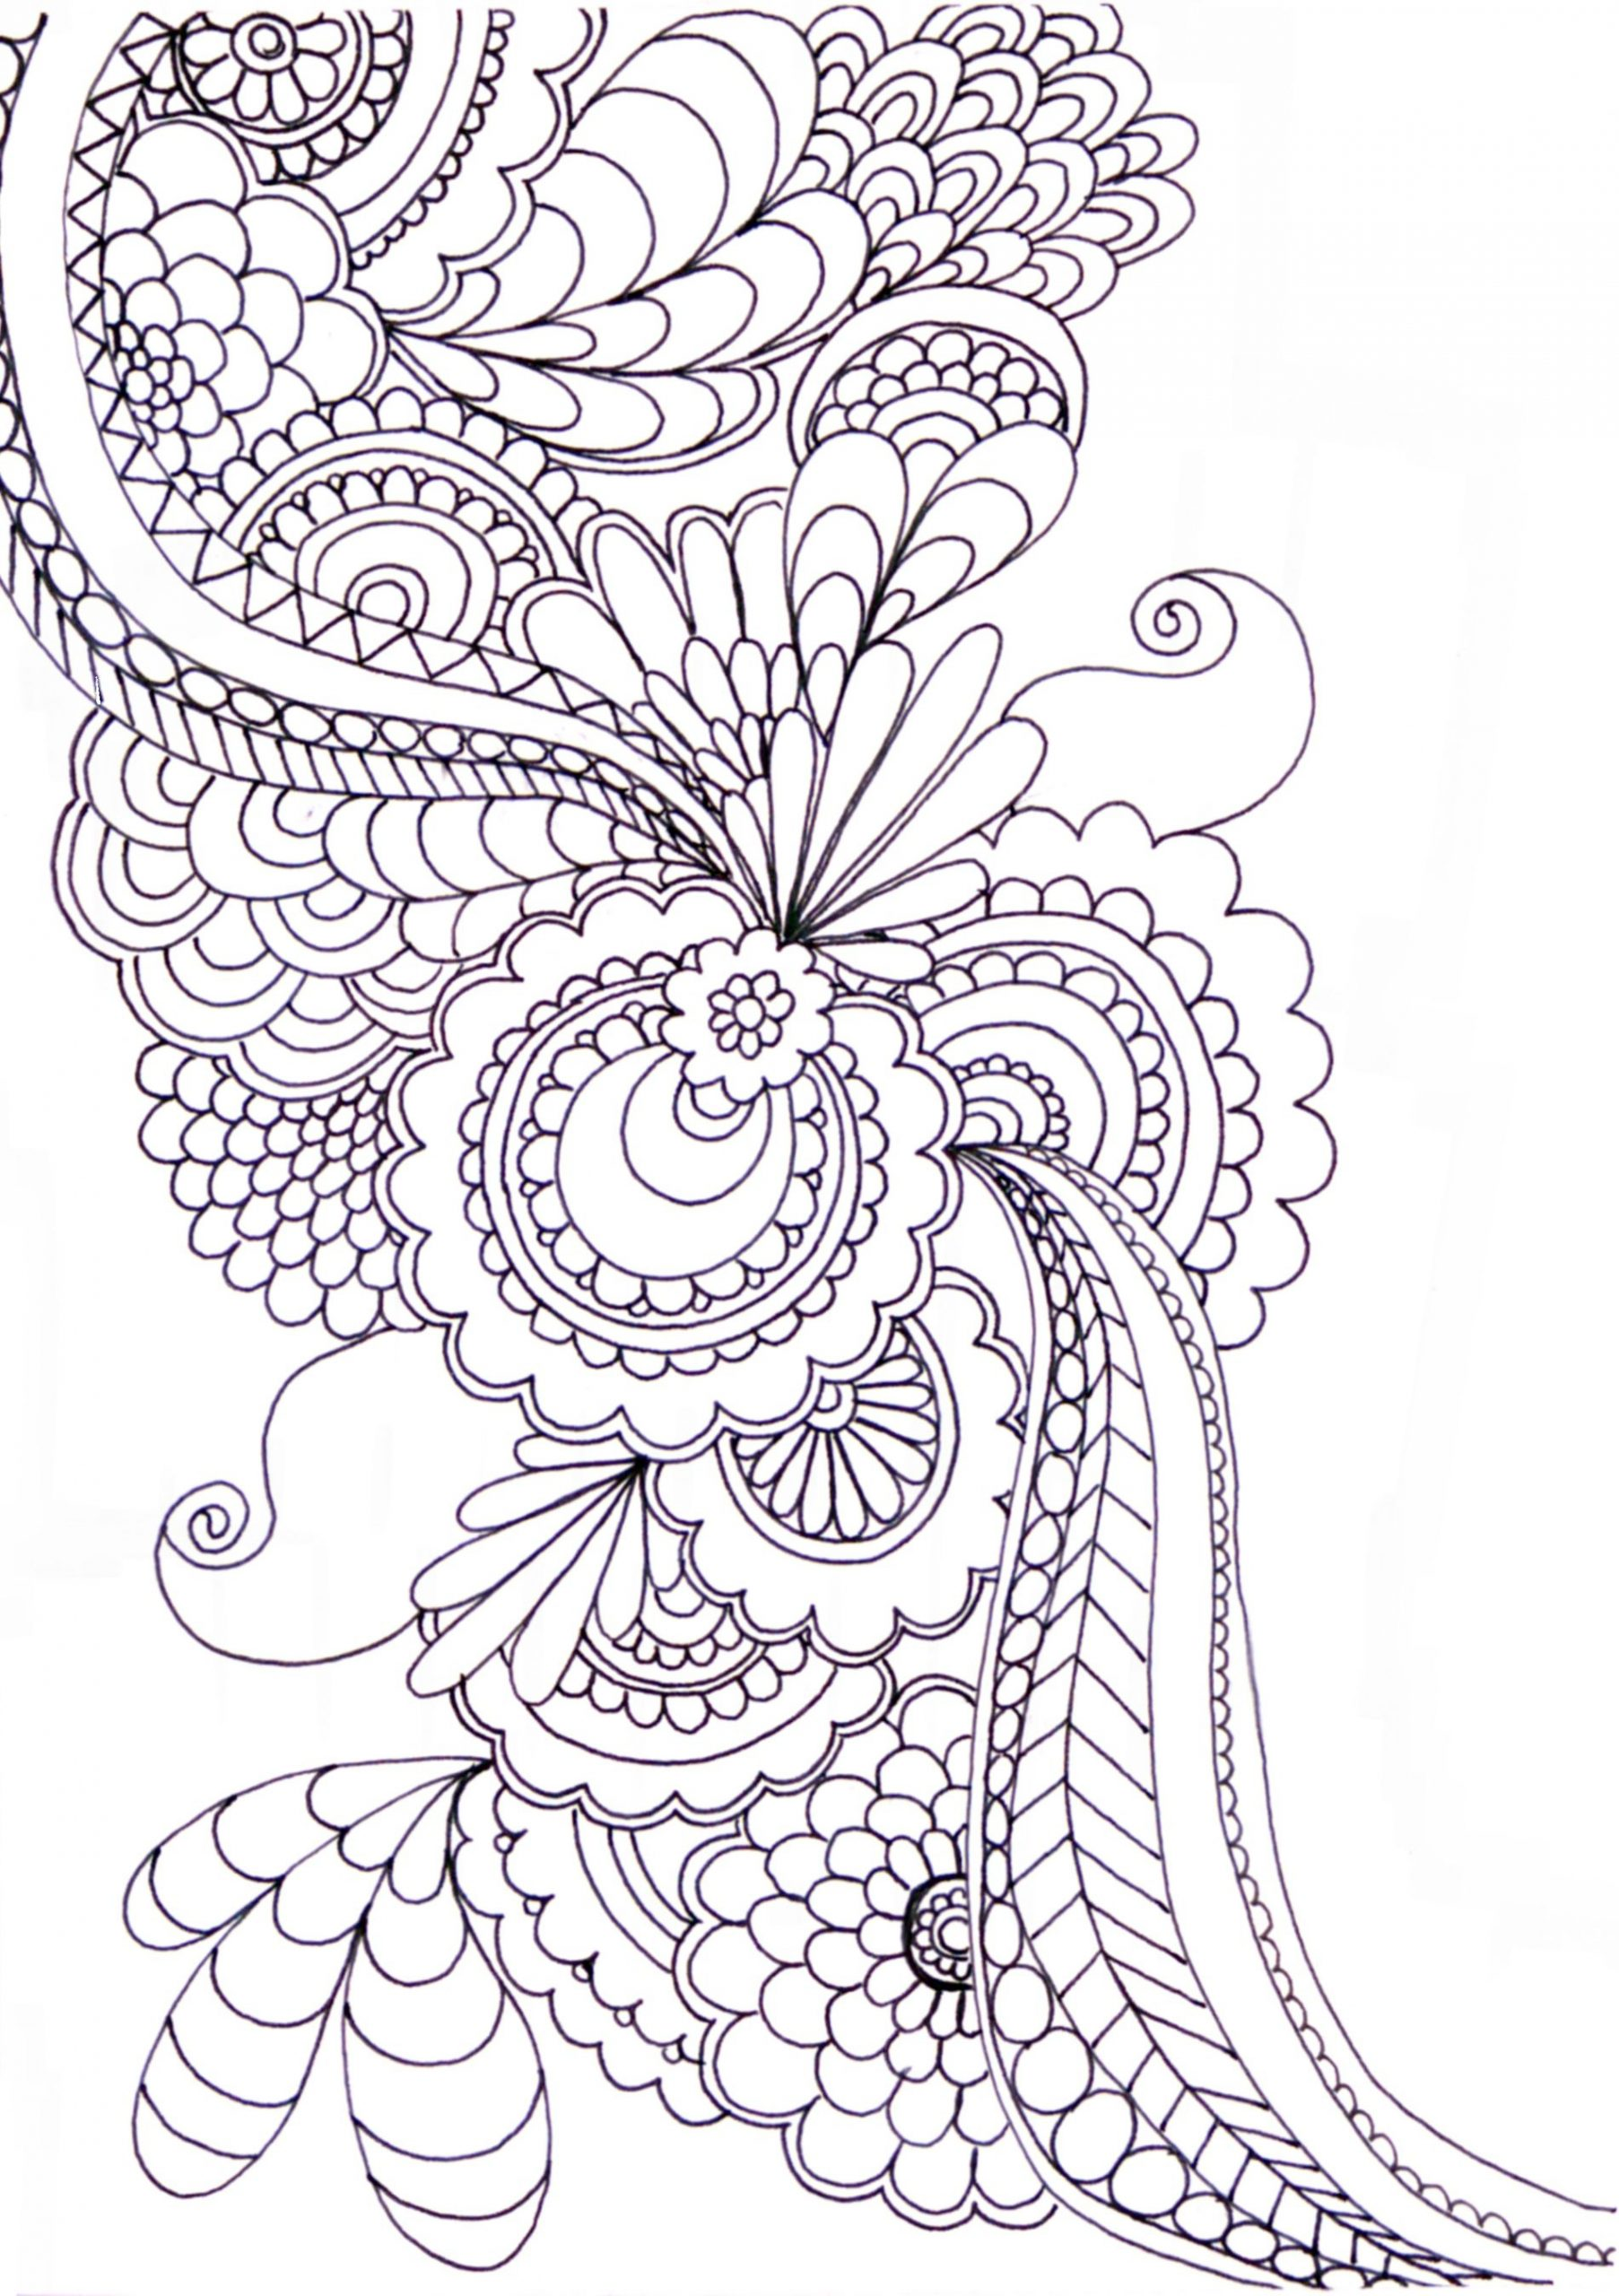 Zentangle - Overall Ideas | Estampados Zentangle, Páginas innen Schwierige Mandalas Zum Ausmalen Für Erwachsene